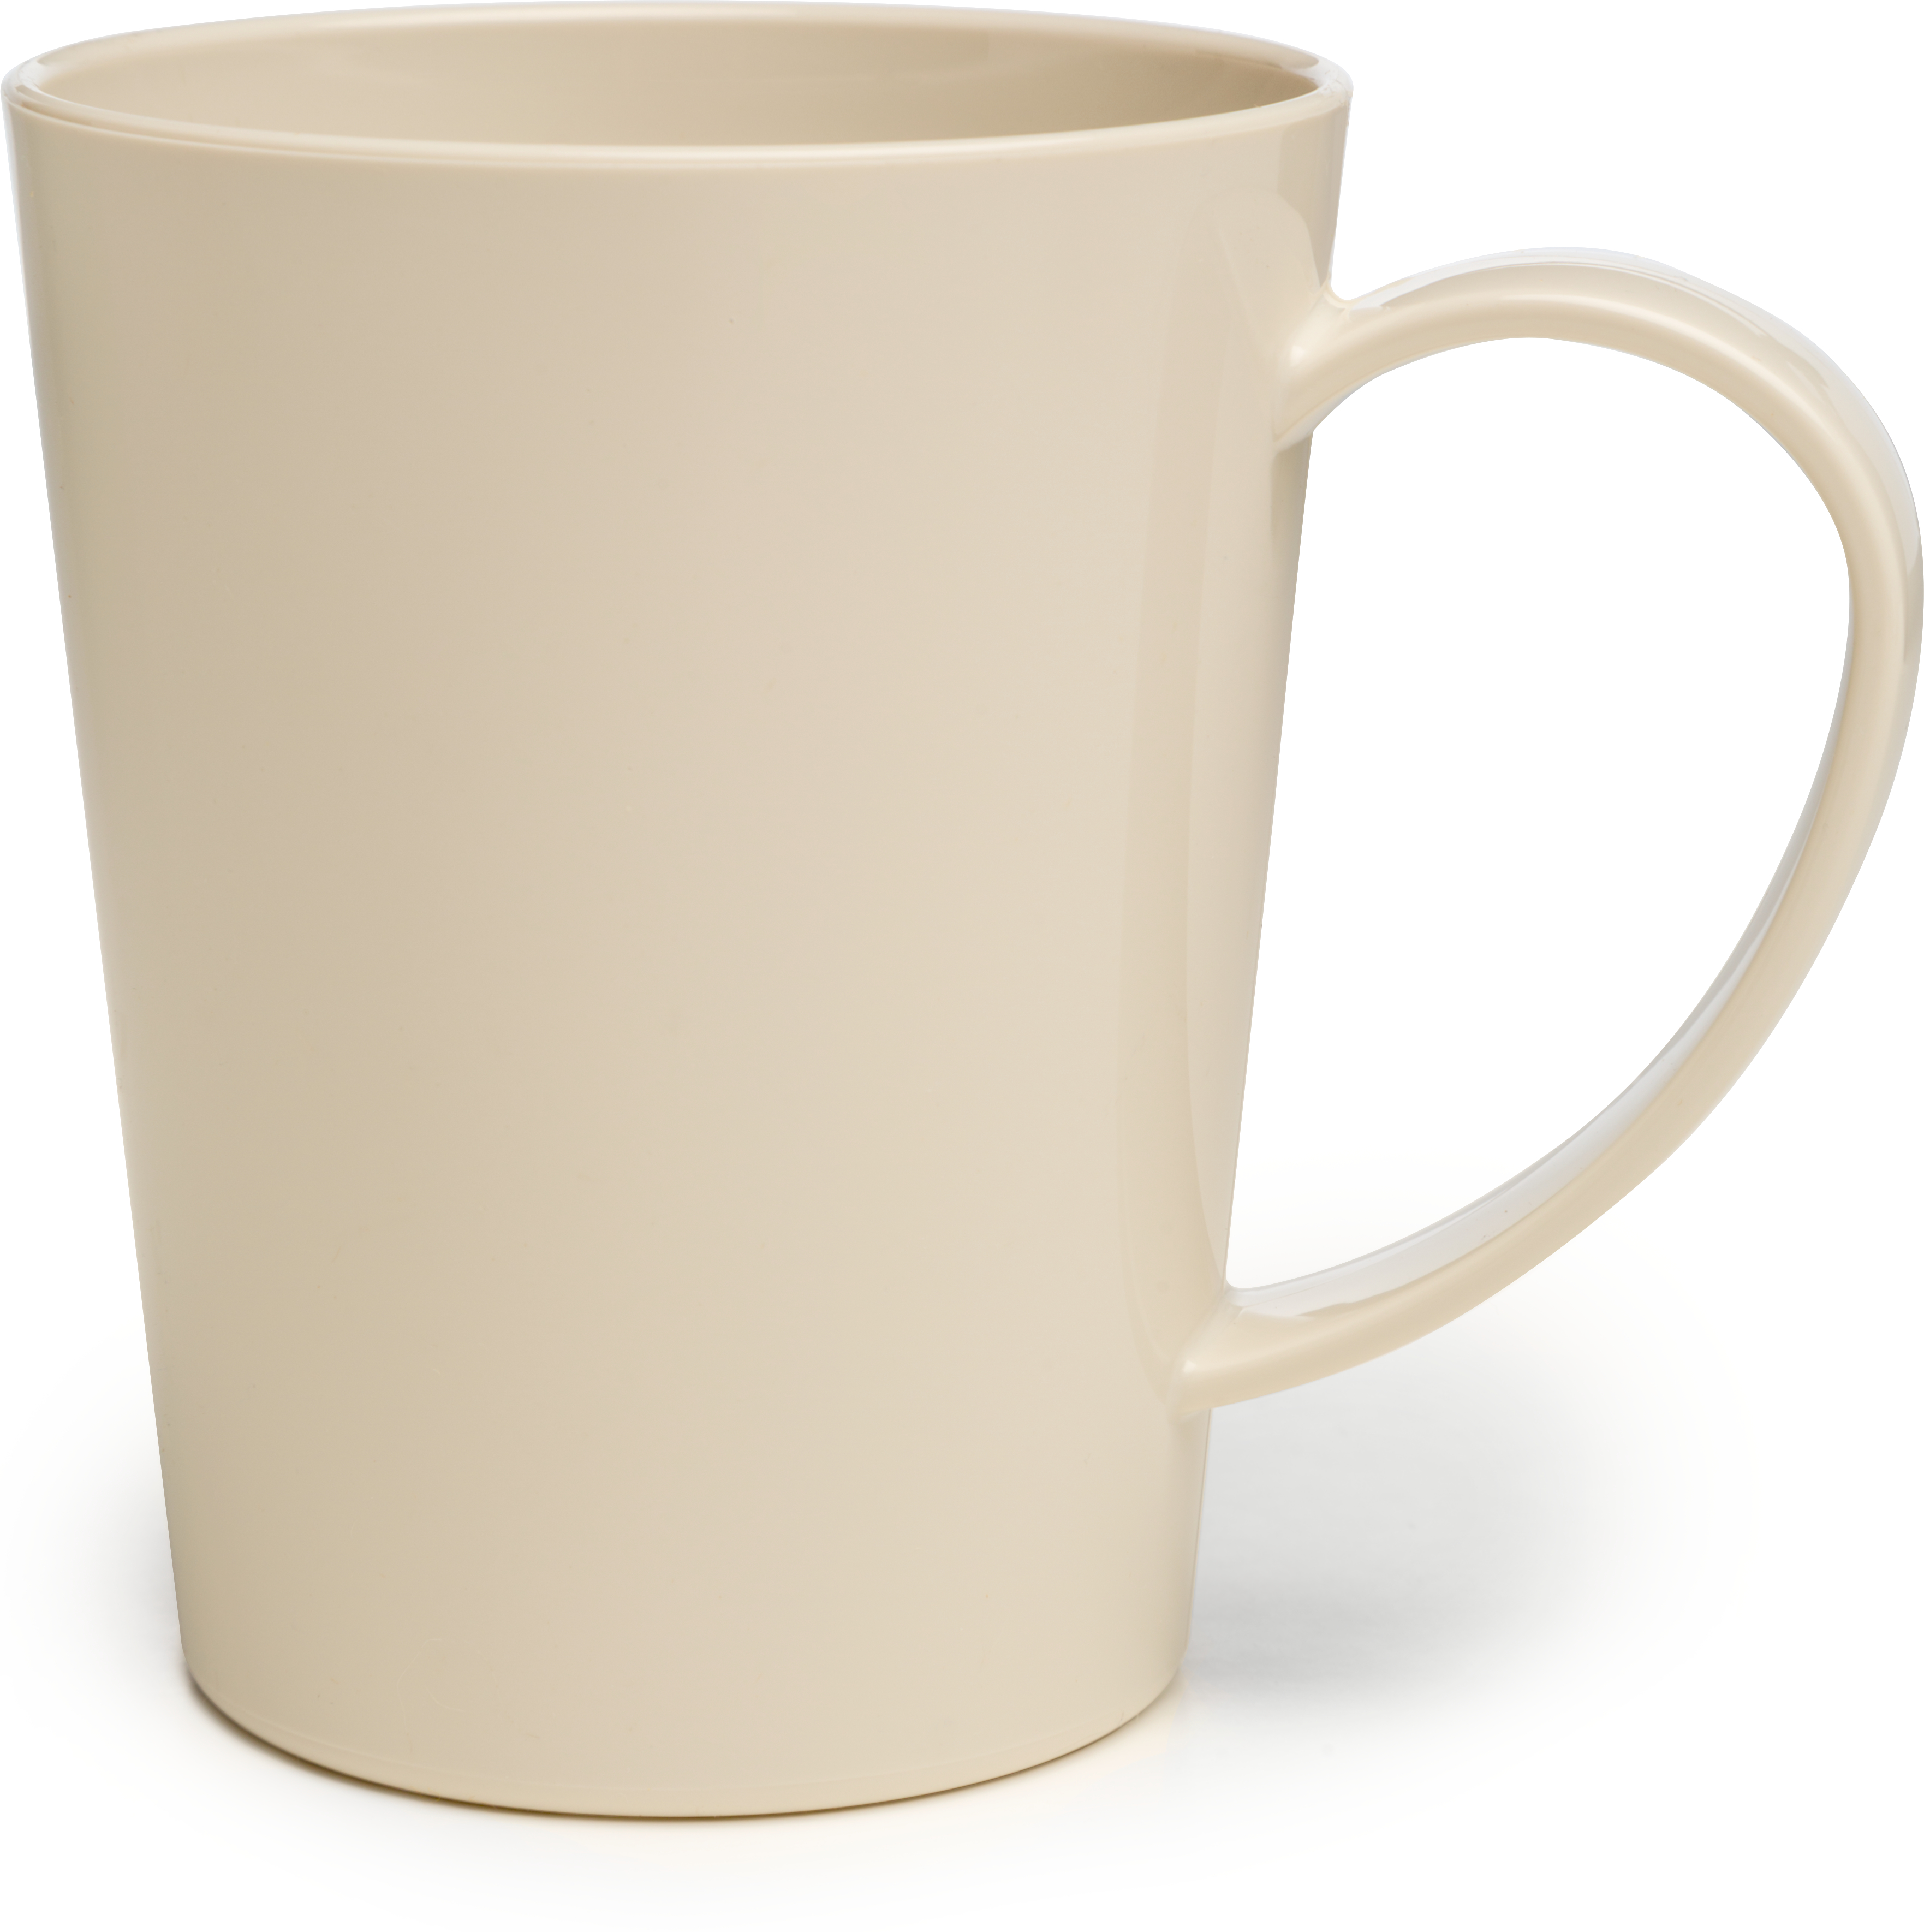 Carlisle Mug 12 oz - Bone